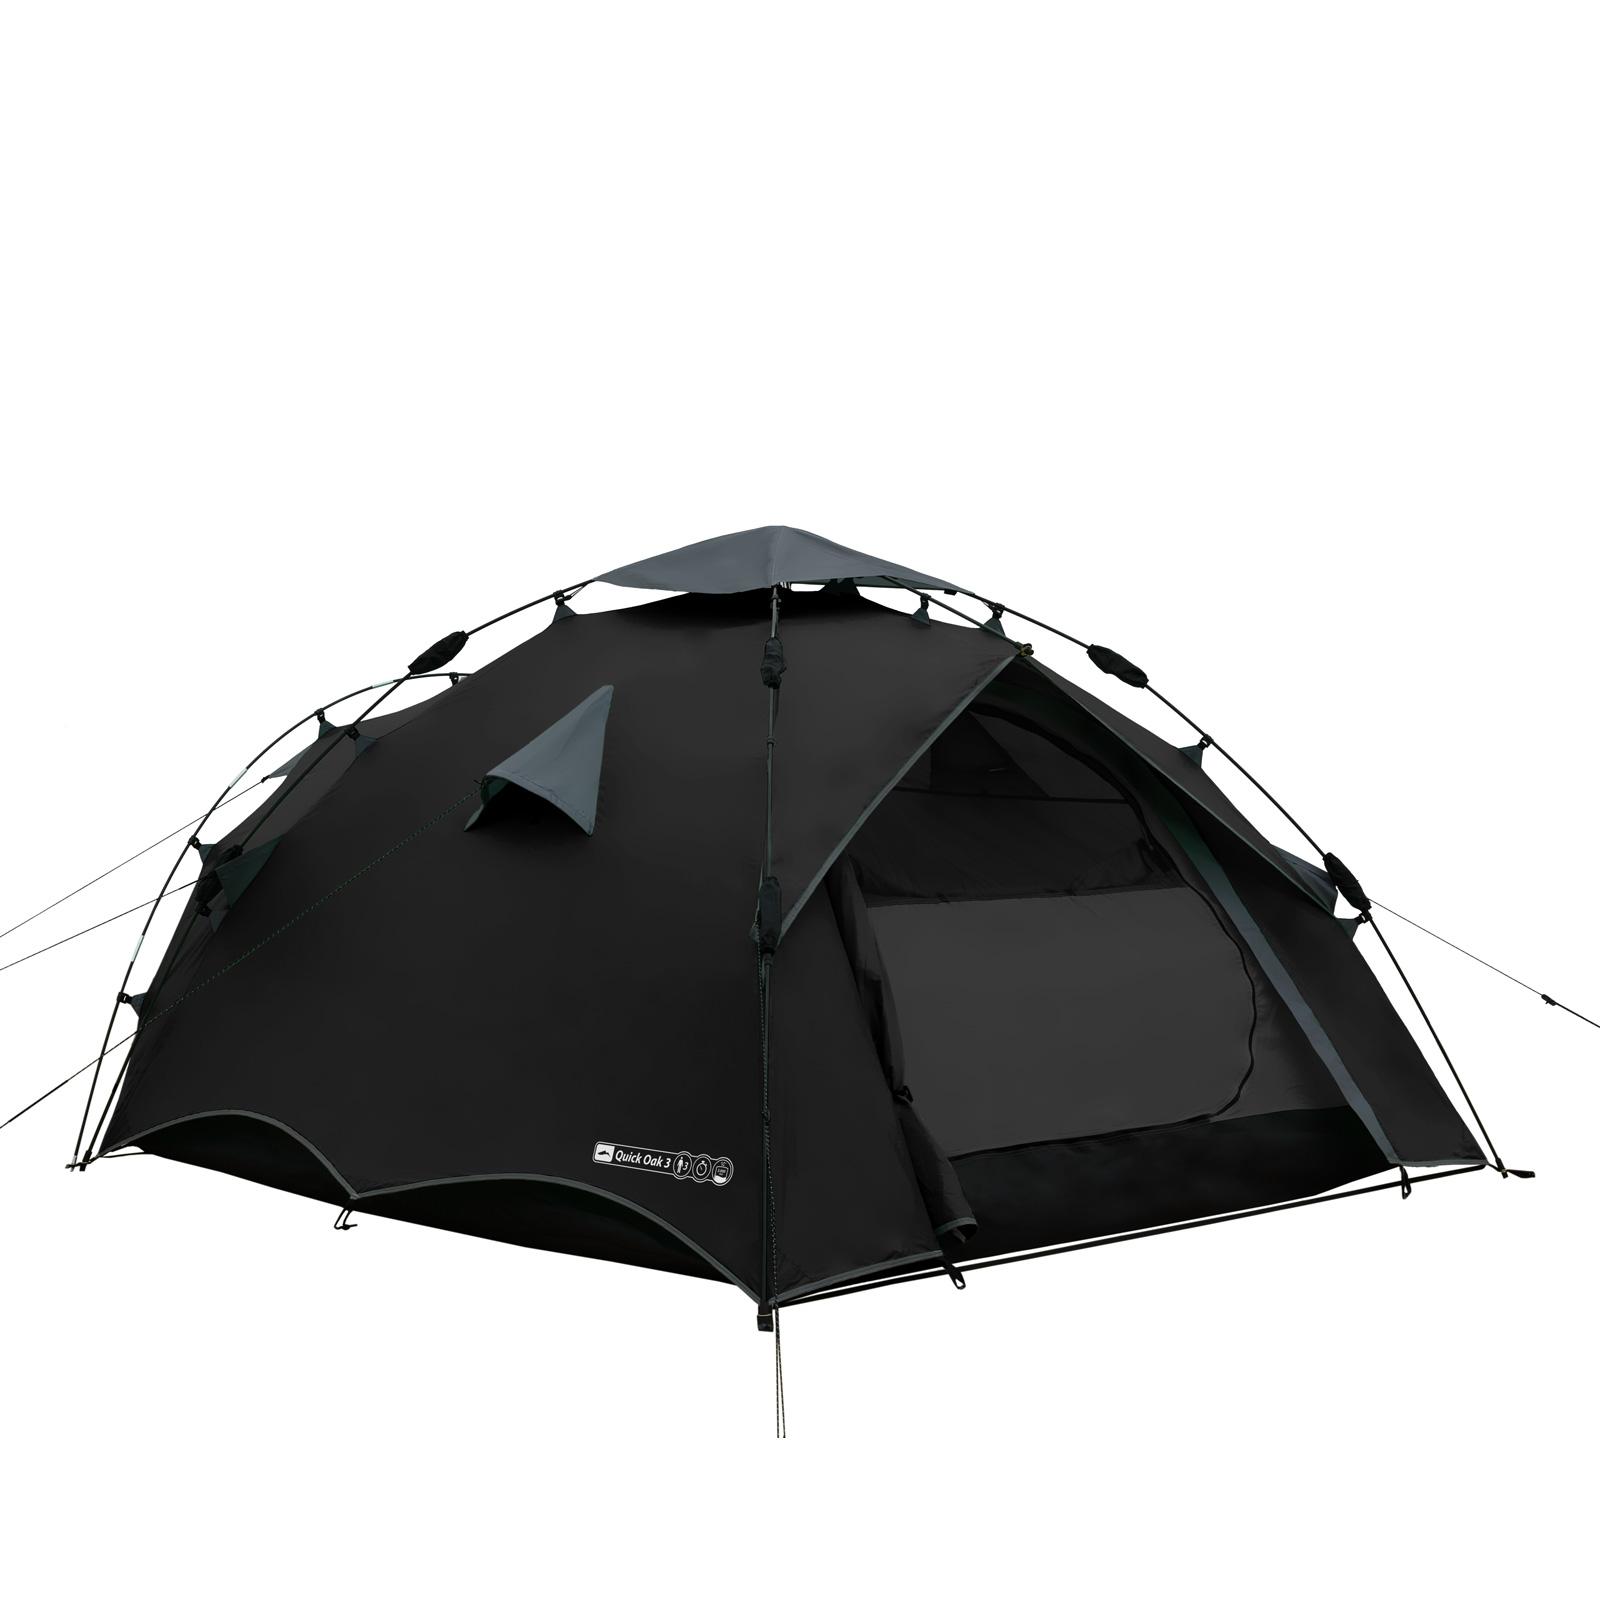 Qeedo Zelt 5 Personen : Personen zelt qeedo quick oak sekundenzelt campingzelt